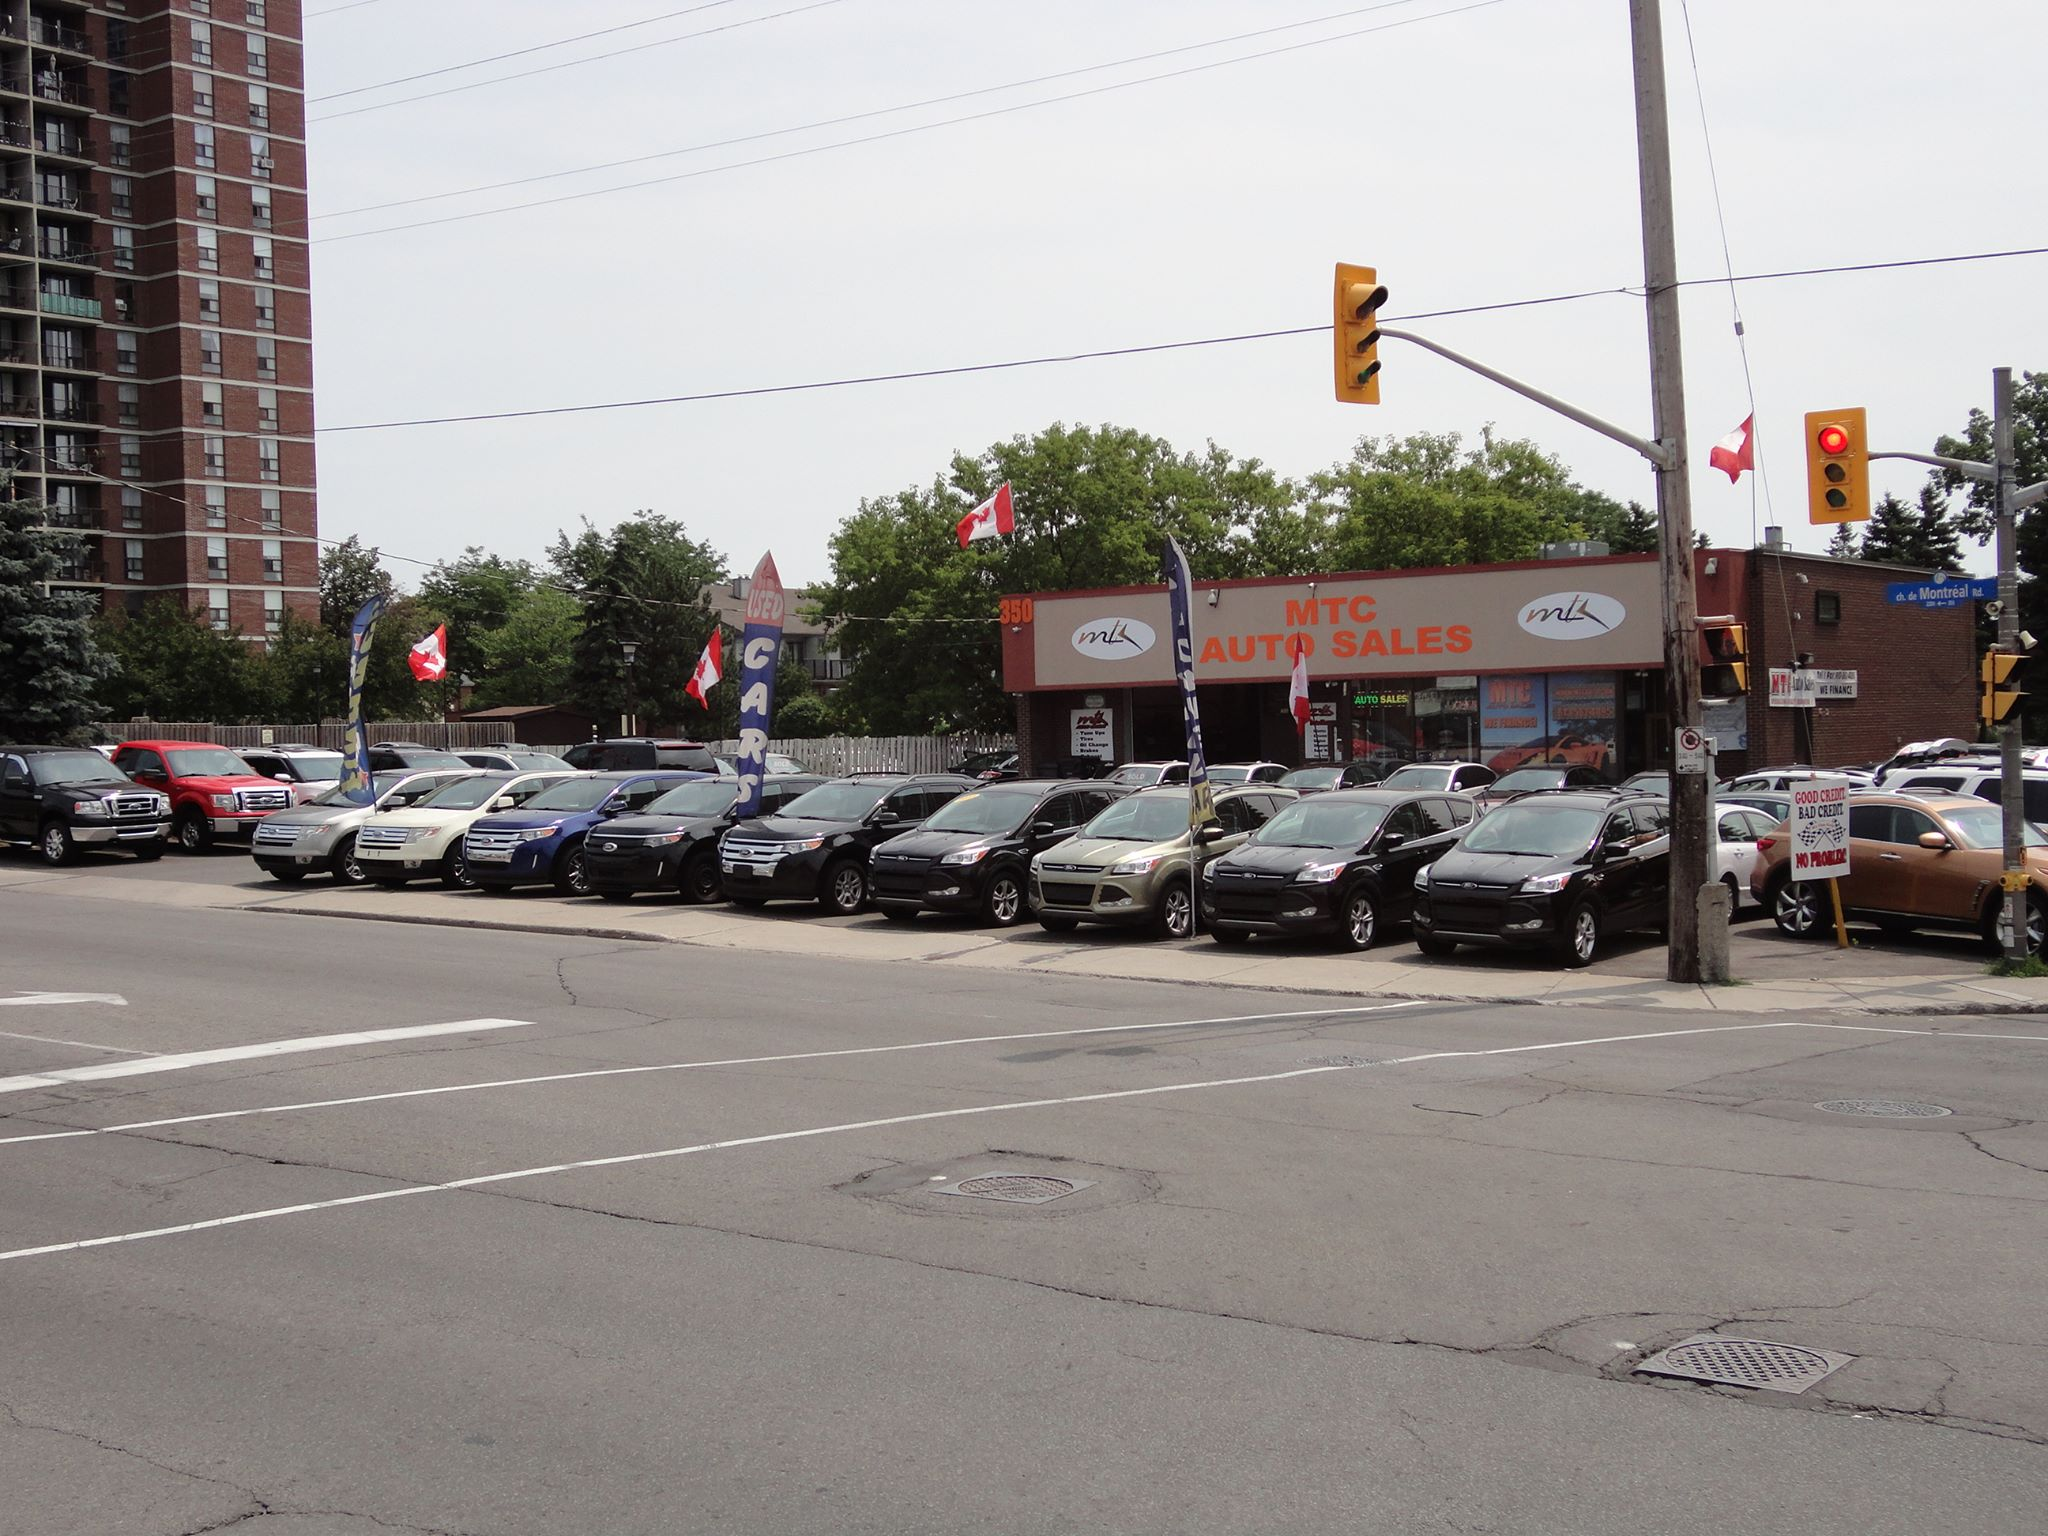 mtc auto sales | used dealership in ottawa, on k1l 6a9